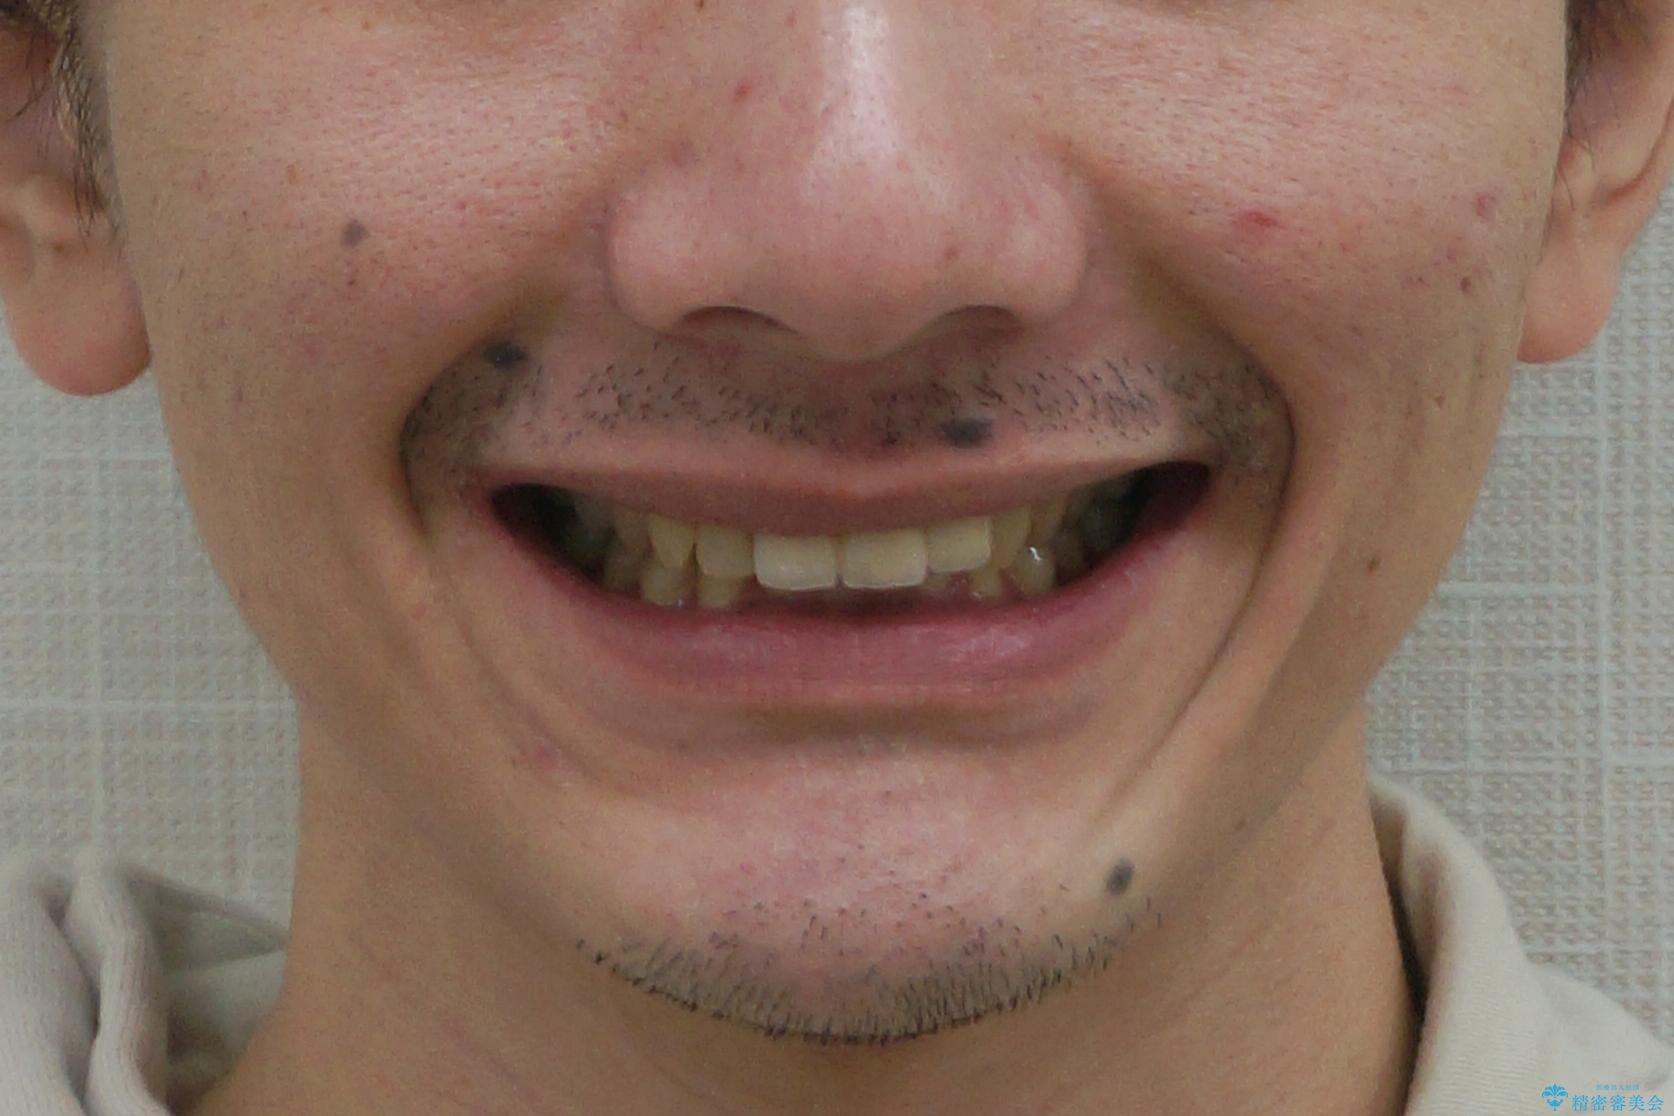 前歯にボールが当たってダメになってしまった とりあえず横の歯に接着剤でつけてしのいでいたのを、しっかりブリッジで治療の治療後(顔貌)